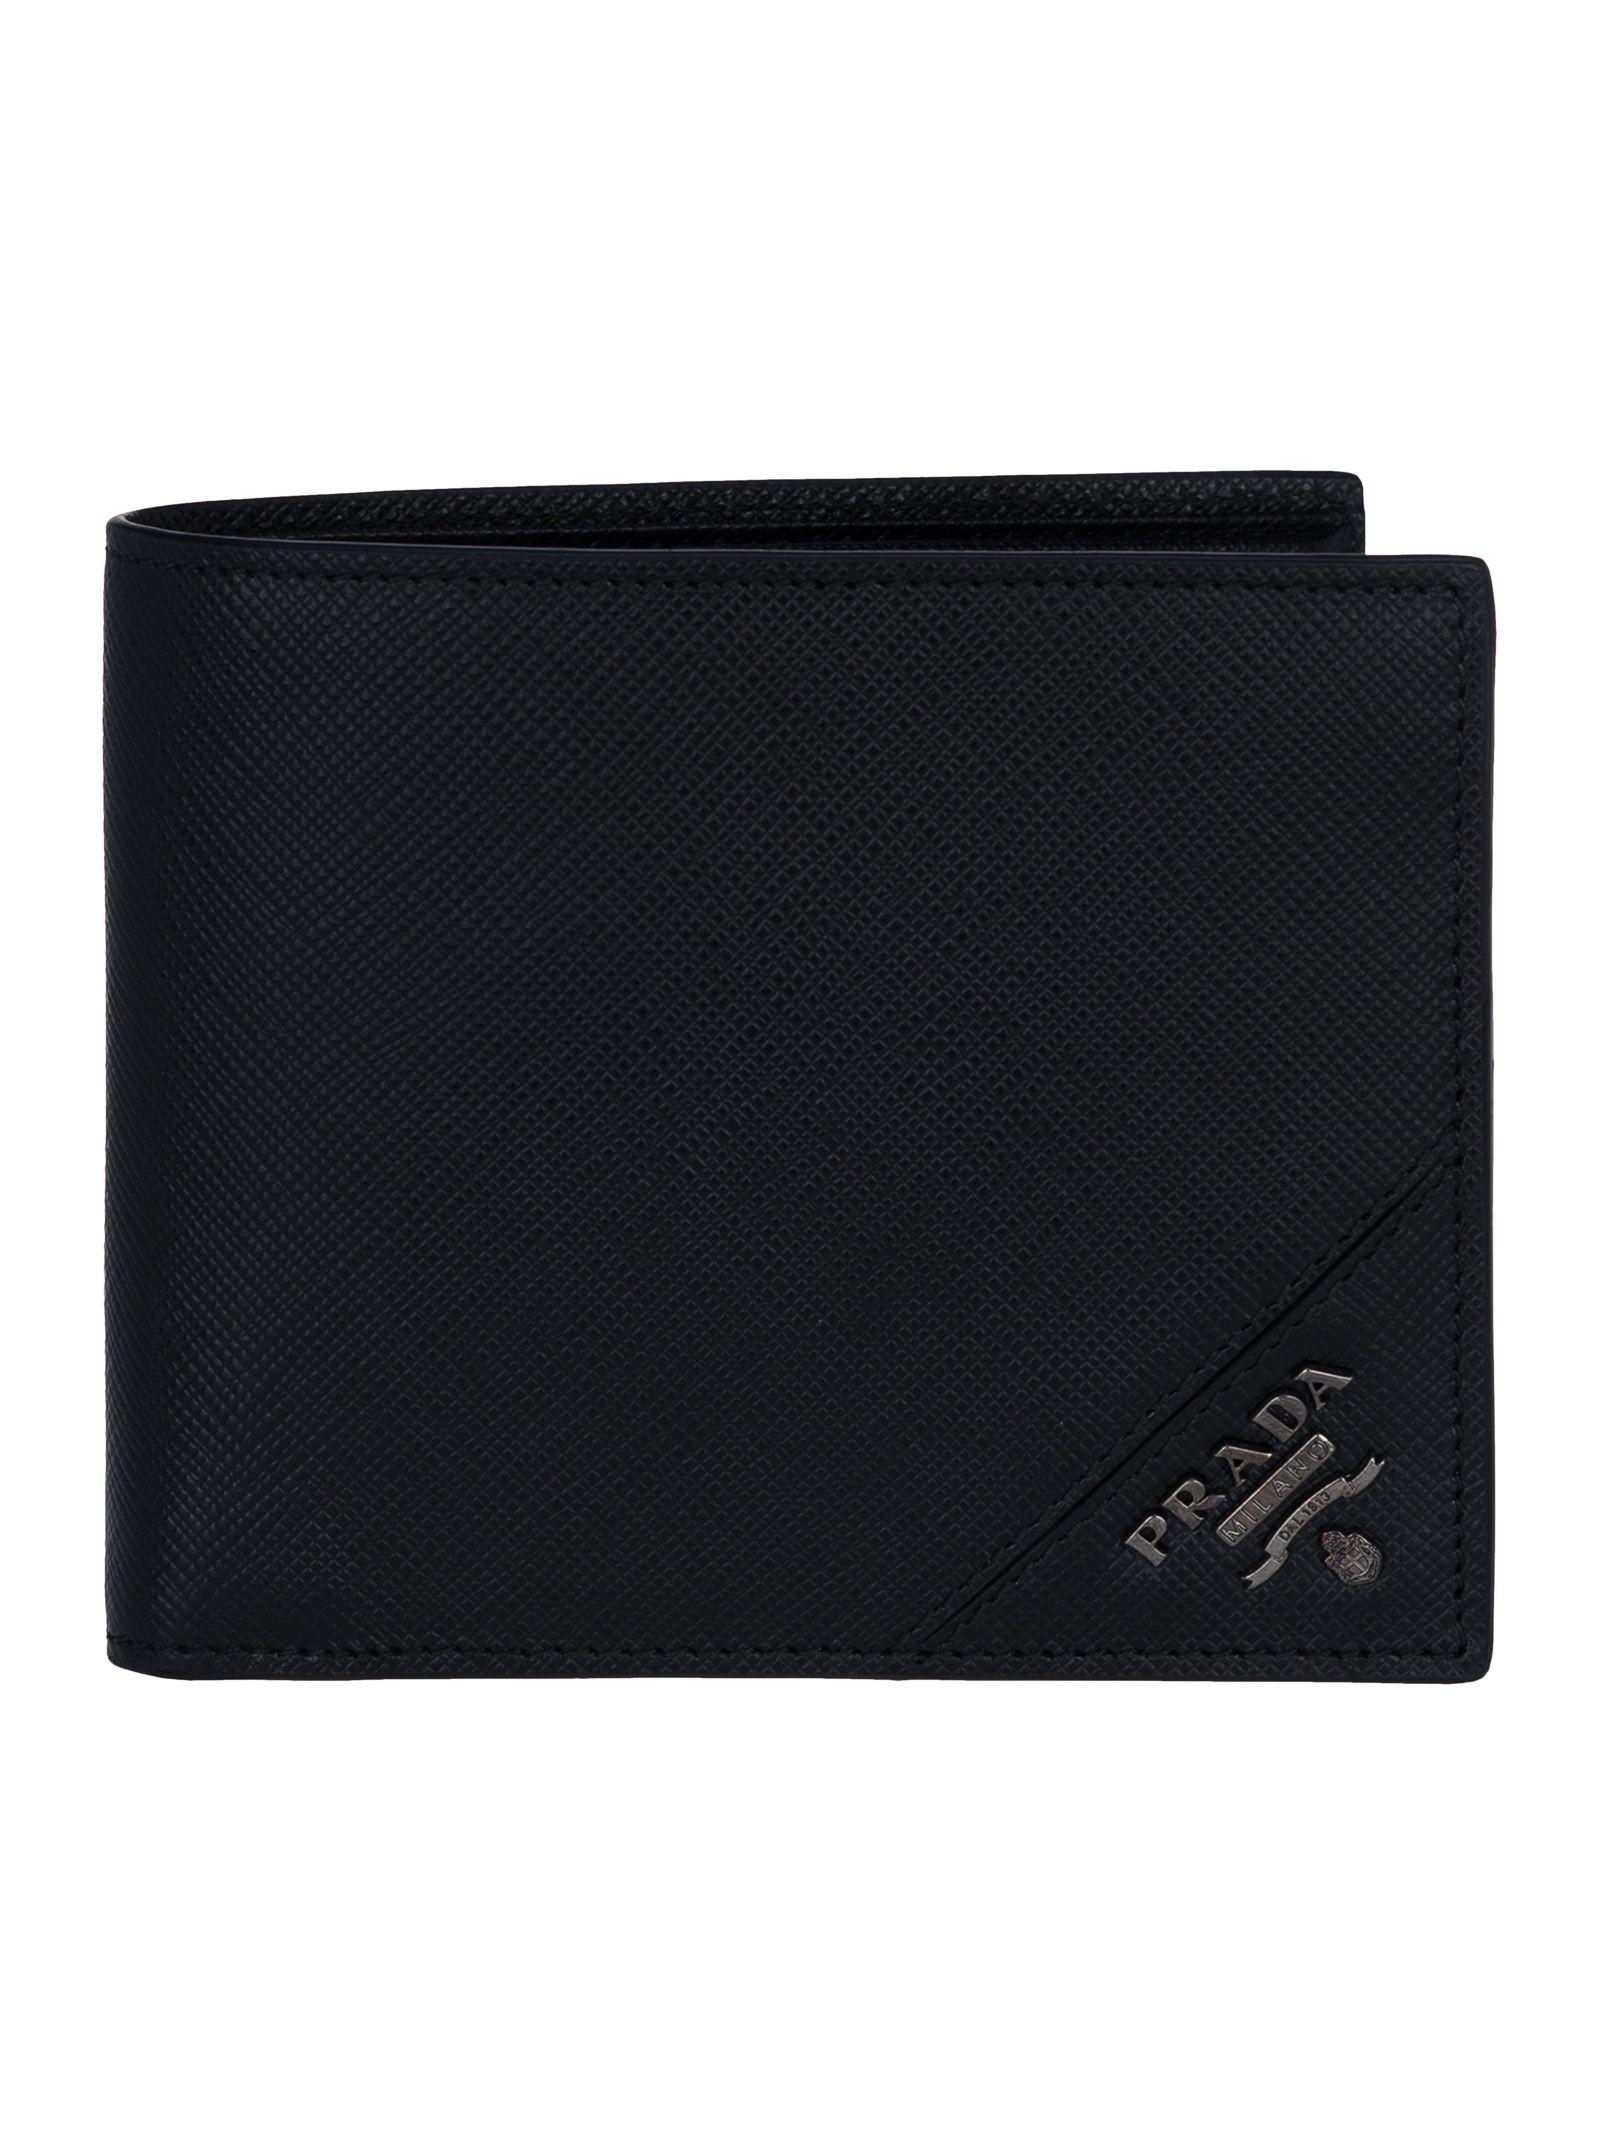 Prada Bifold Wallet Money Case Co Discount Nicekicks Exclusive Online Sale Brand New Unisex Online Online Cheap Price SxOMIr